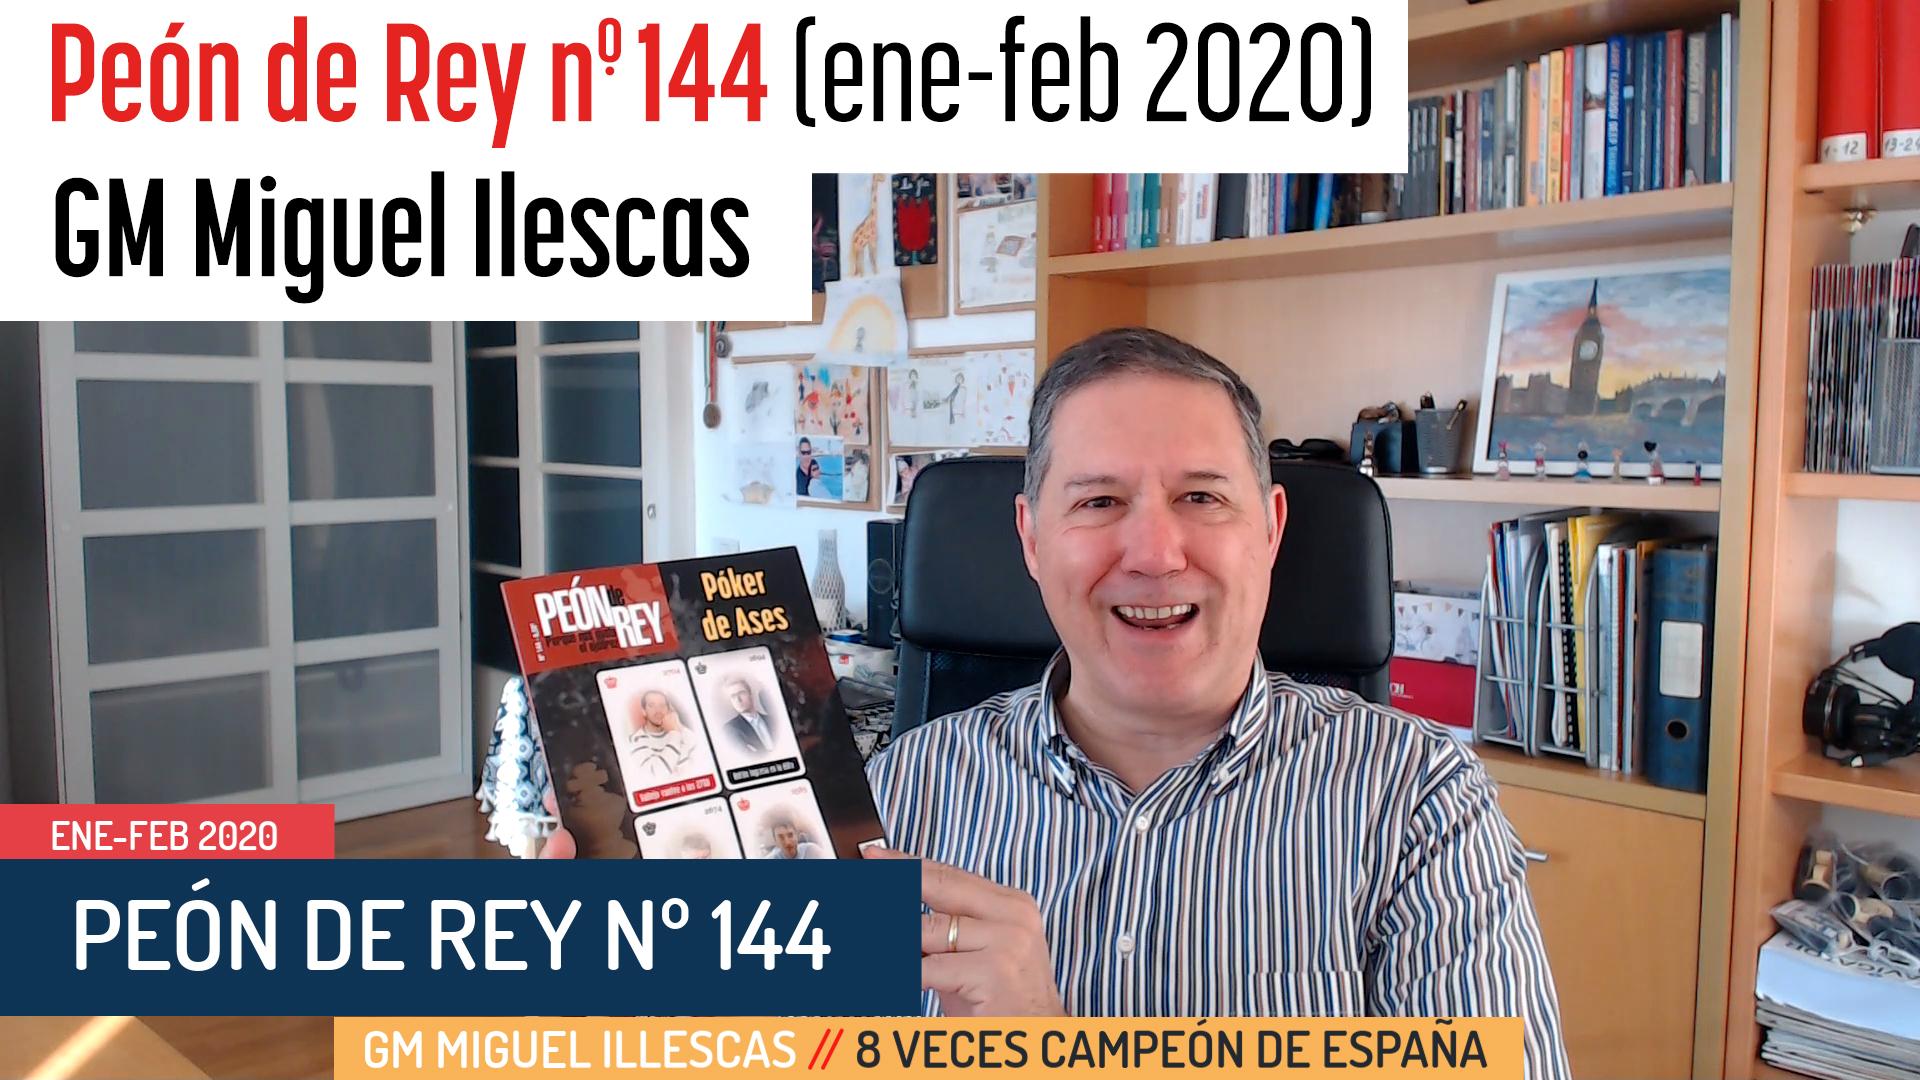 Peón de Rey nº 144 (ene-feb 2020) GM Miguel Illescas